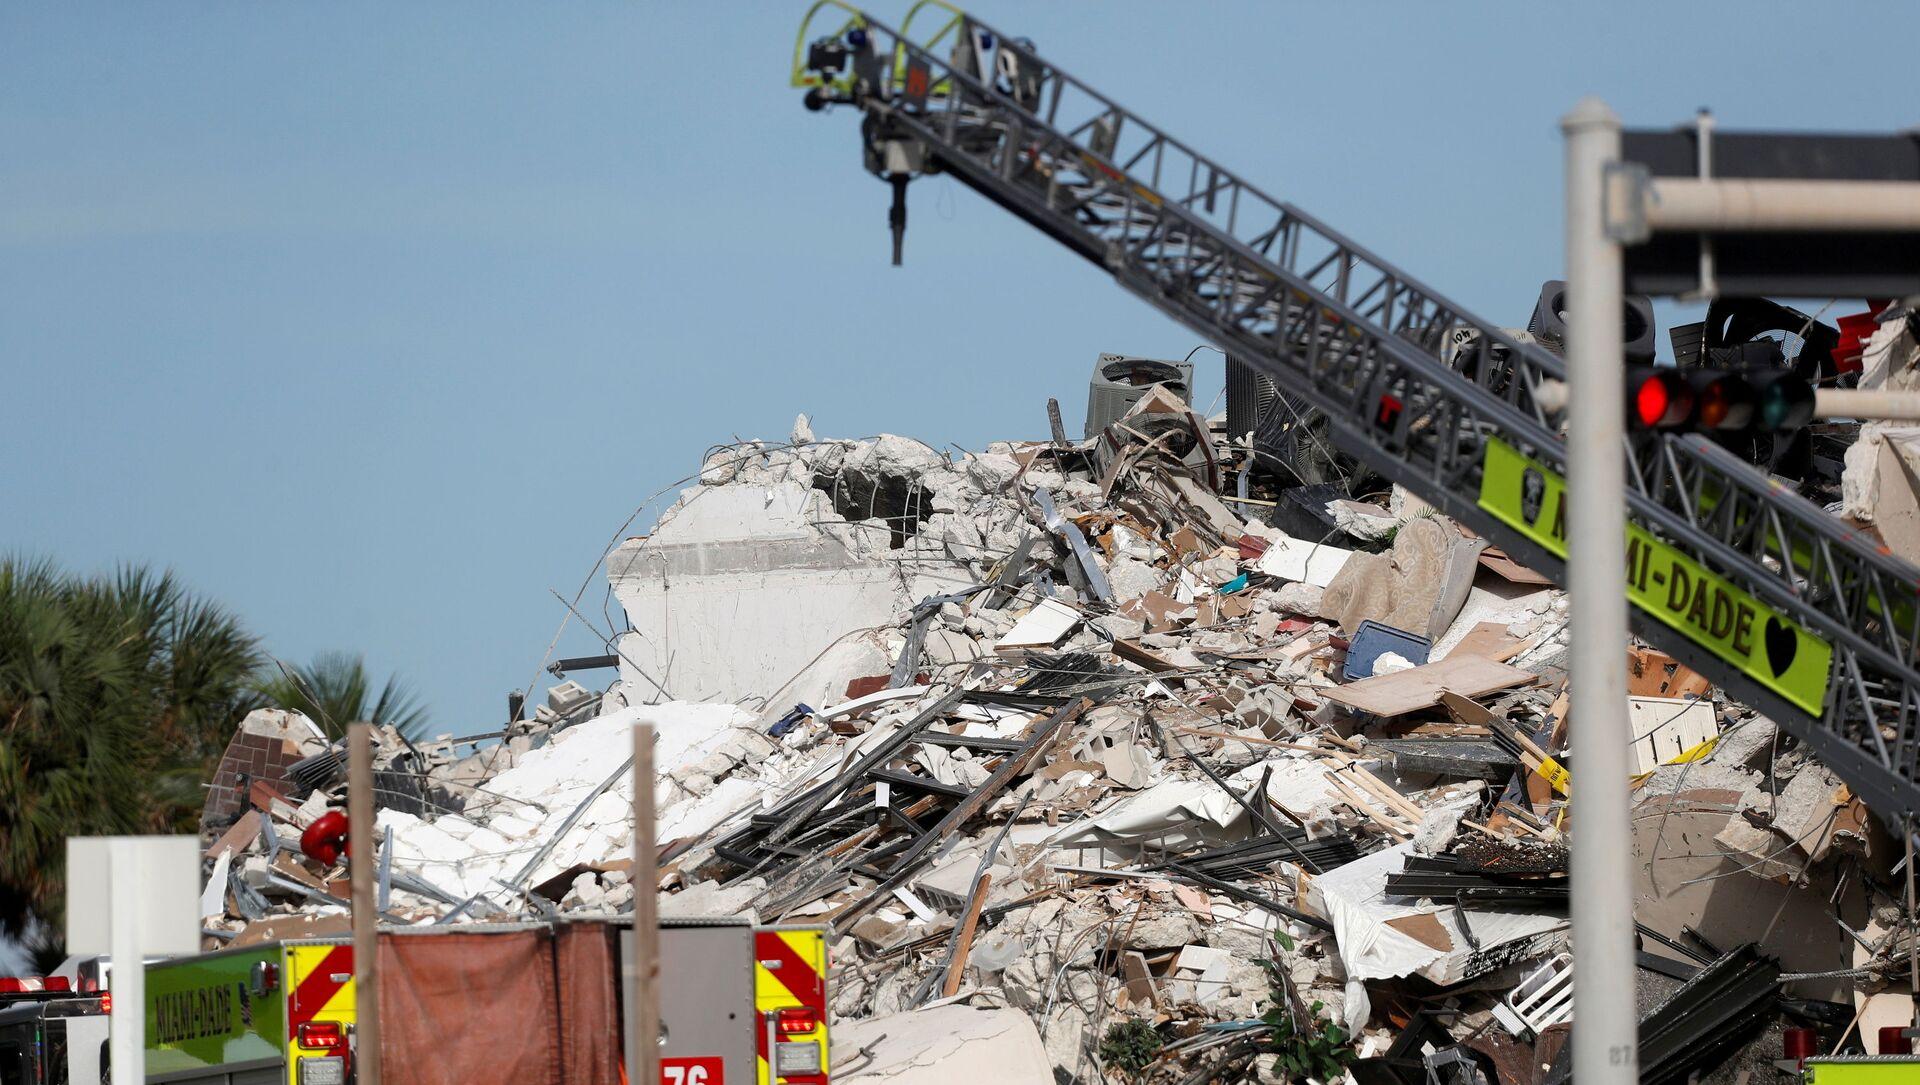 Nhân viên cứu hộ đang tìm kiếm người mất tích trong vụ sập nhà cao tầng ở Florida, Hoa Kỳ, 24/6/2021 - Sputnik Việt Nam, 1920, 25.06.2021